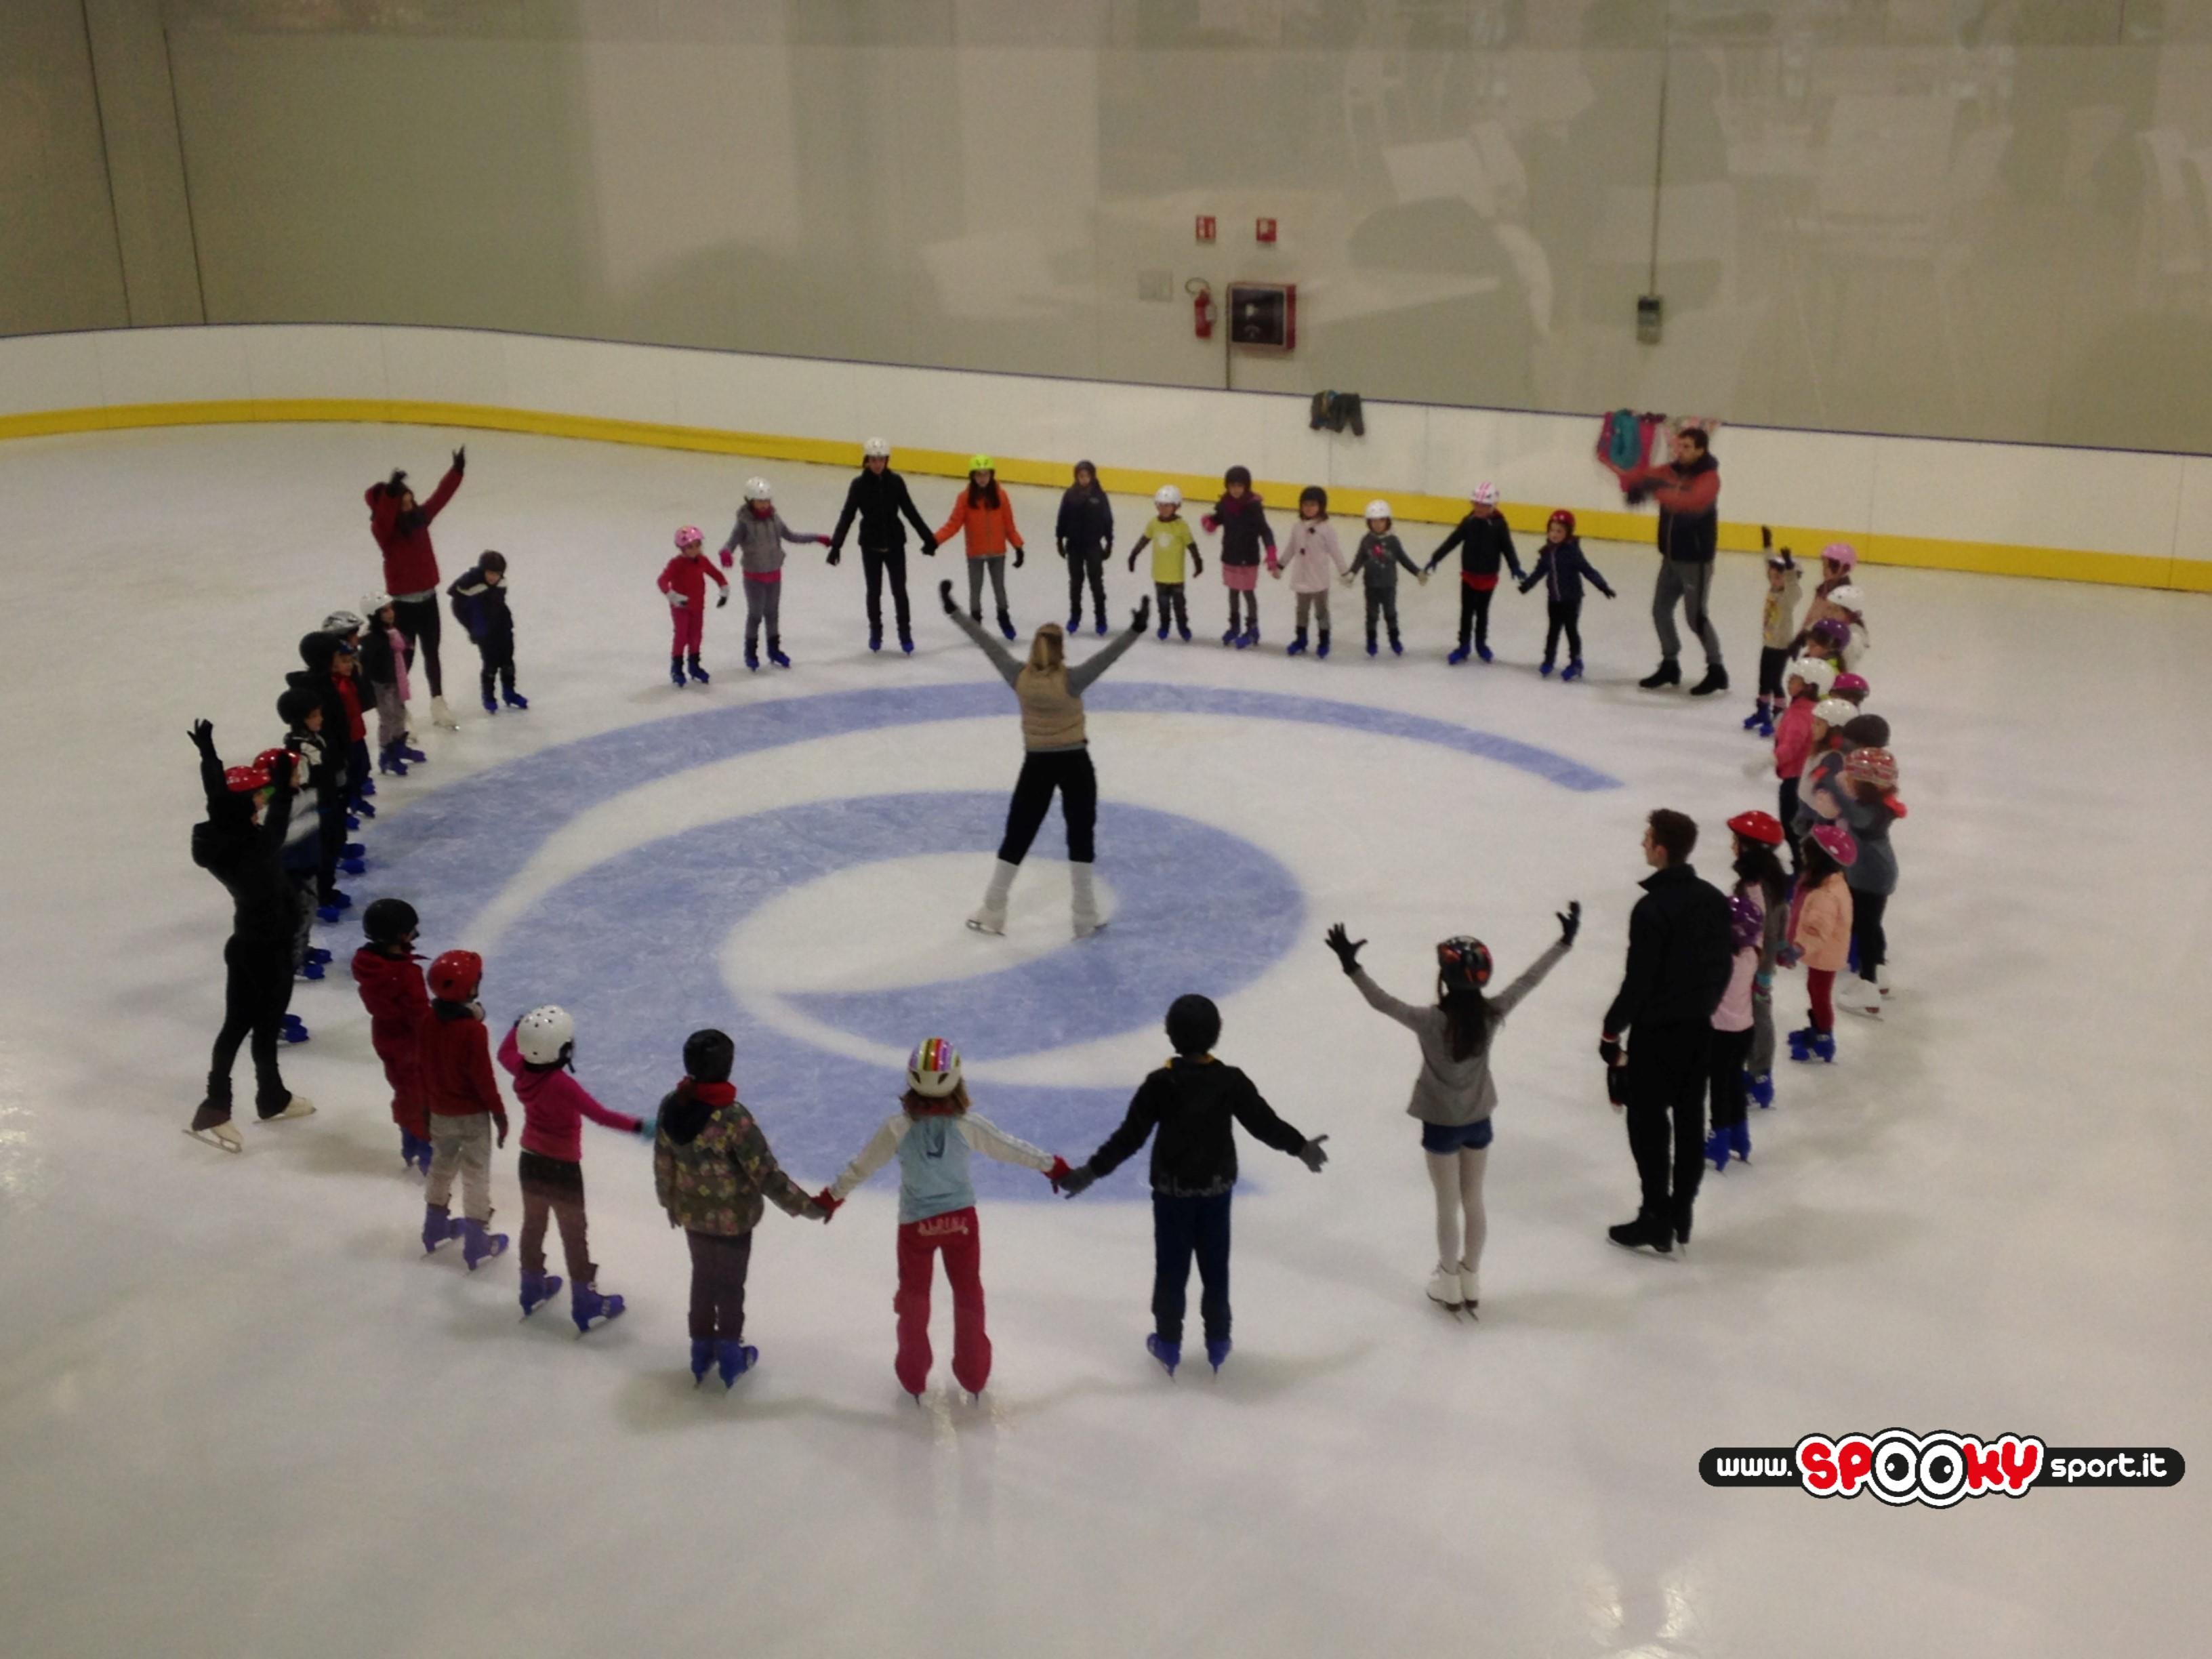 corso-pattinaggio-ghiaccio-bambini-berga